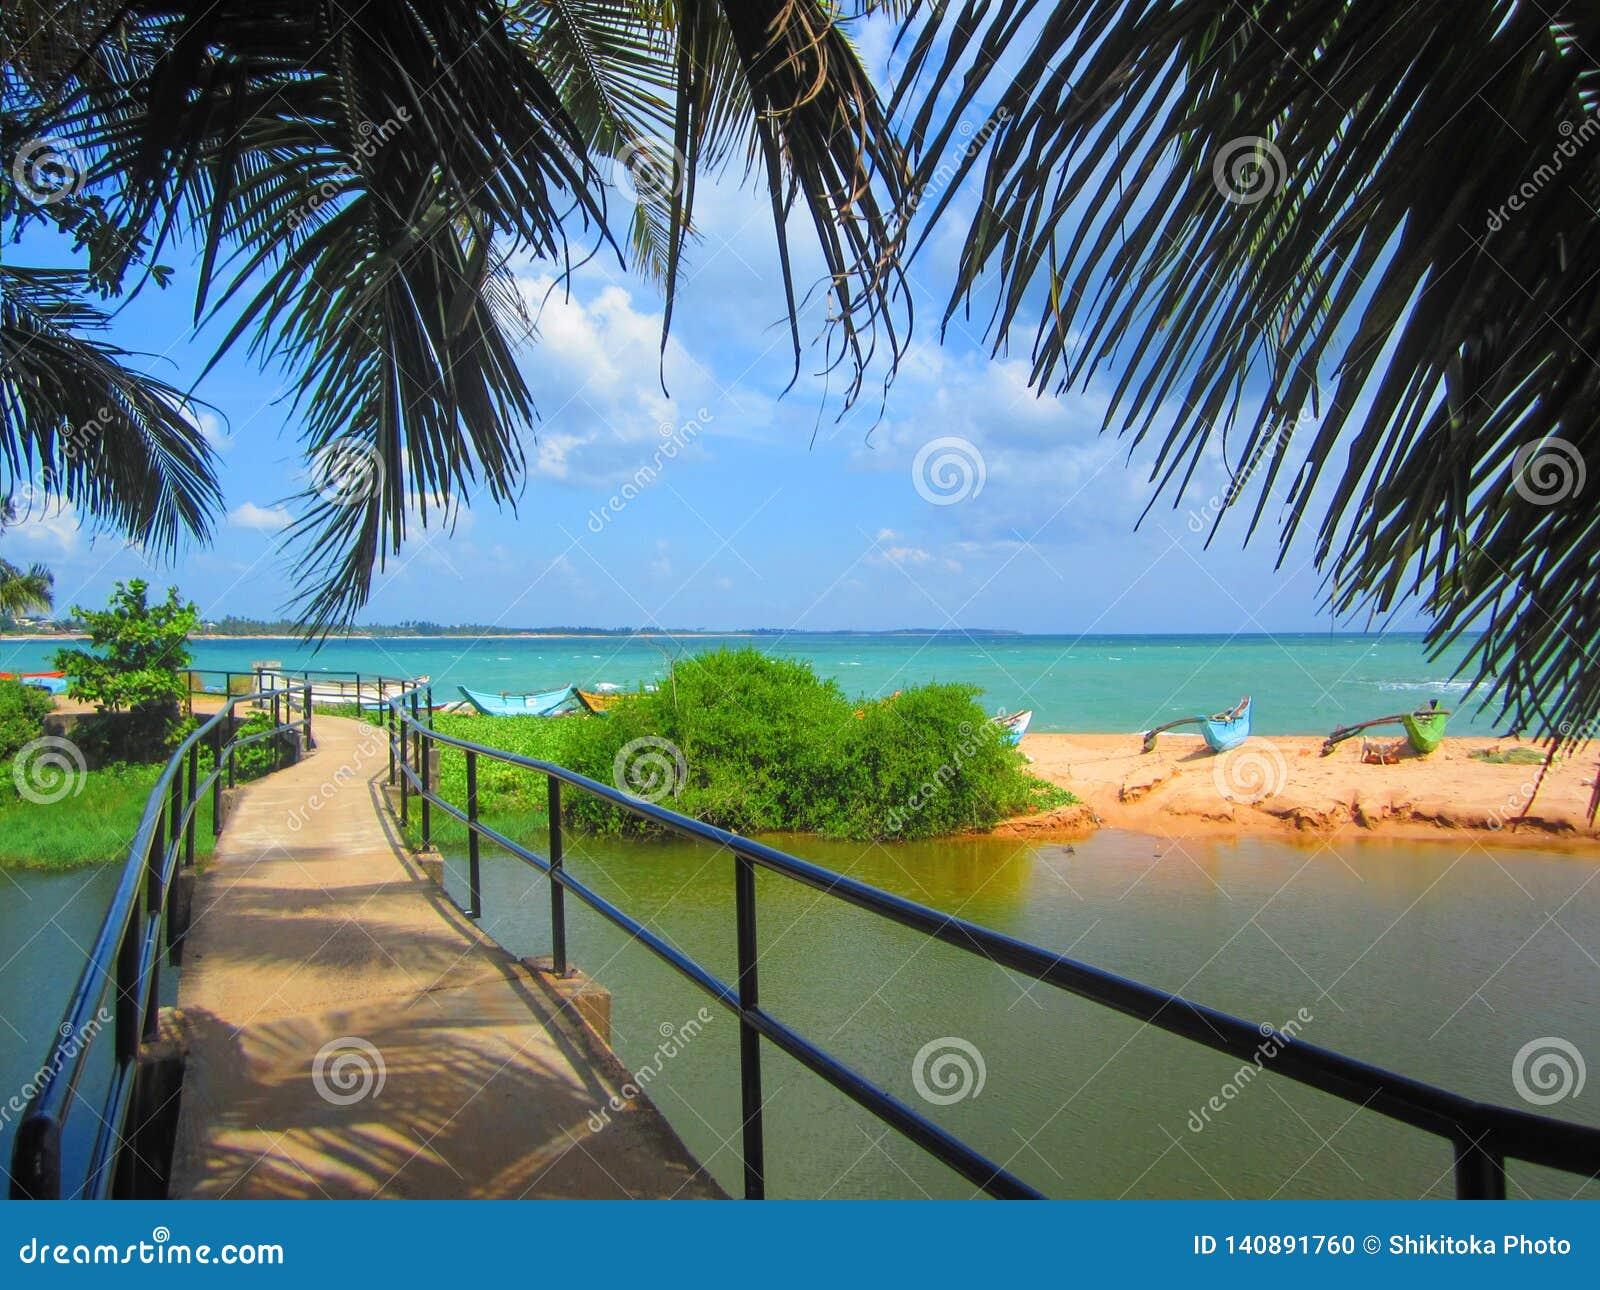 Деревянный footbridge над озером к пляжу моря с рыбацкими лодками